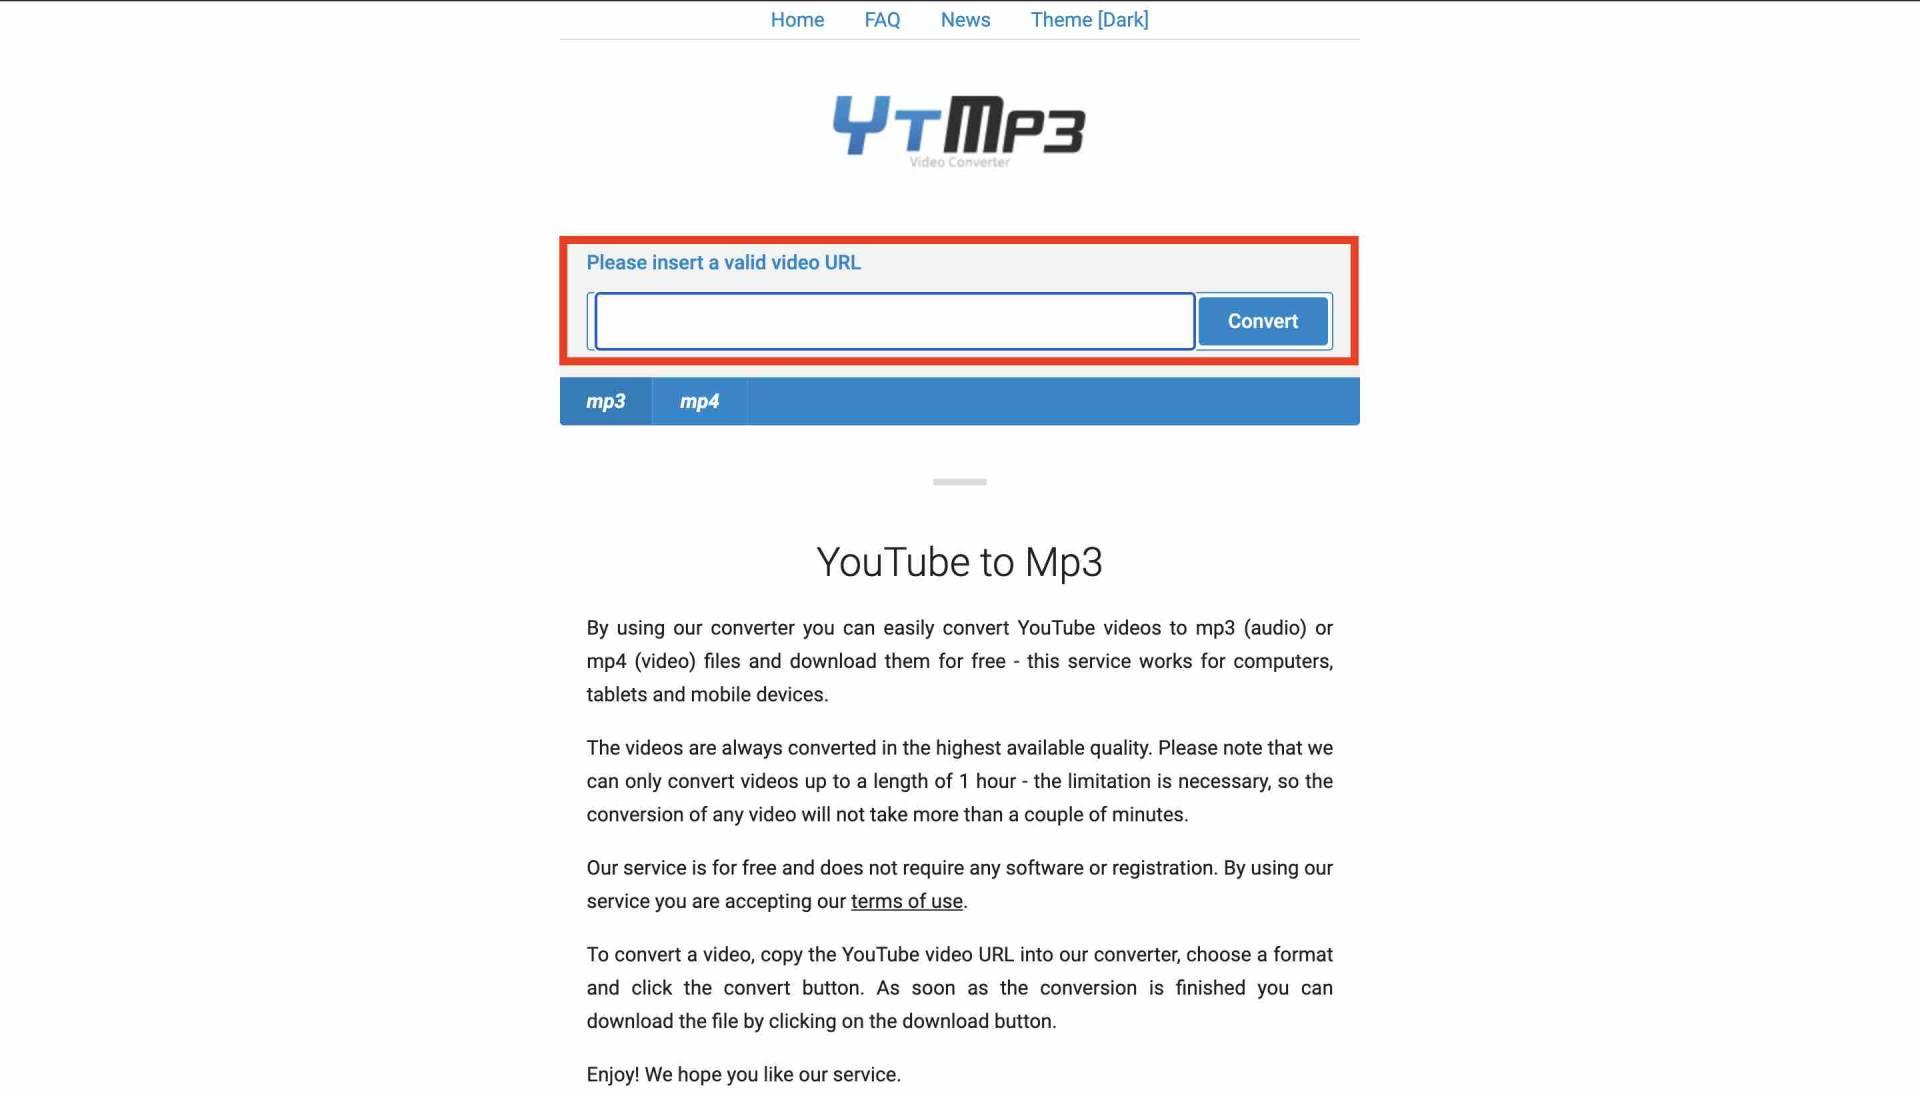 Návod: Ako stiahnuť video z YouTube? Je to úplne jednoduché.